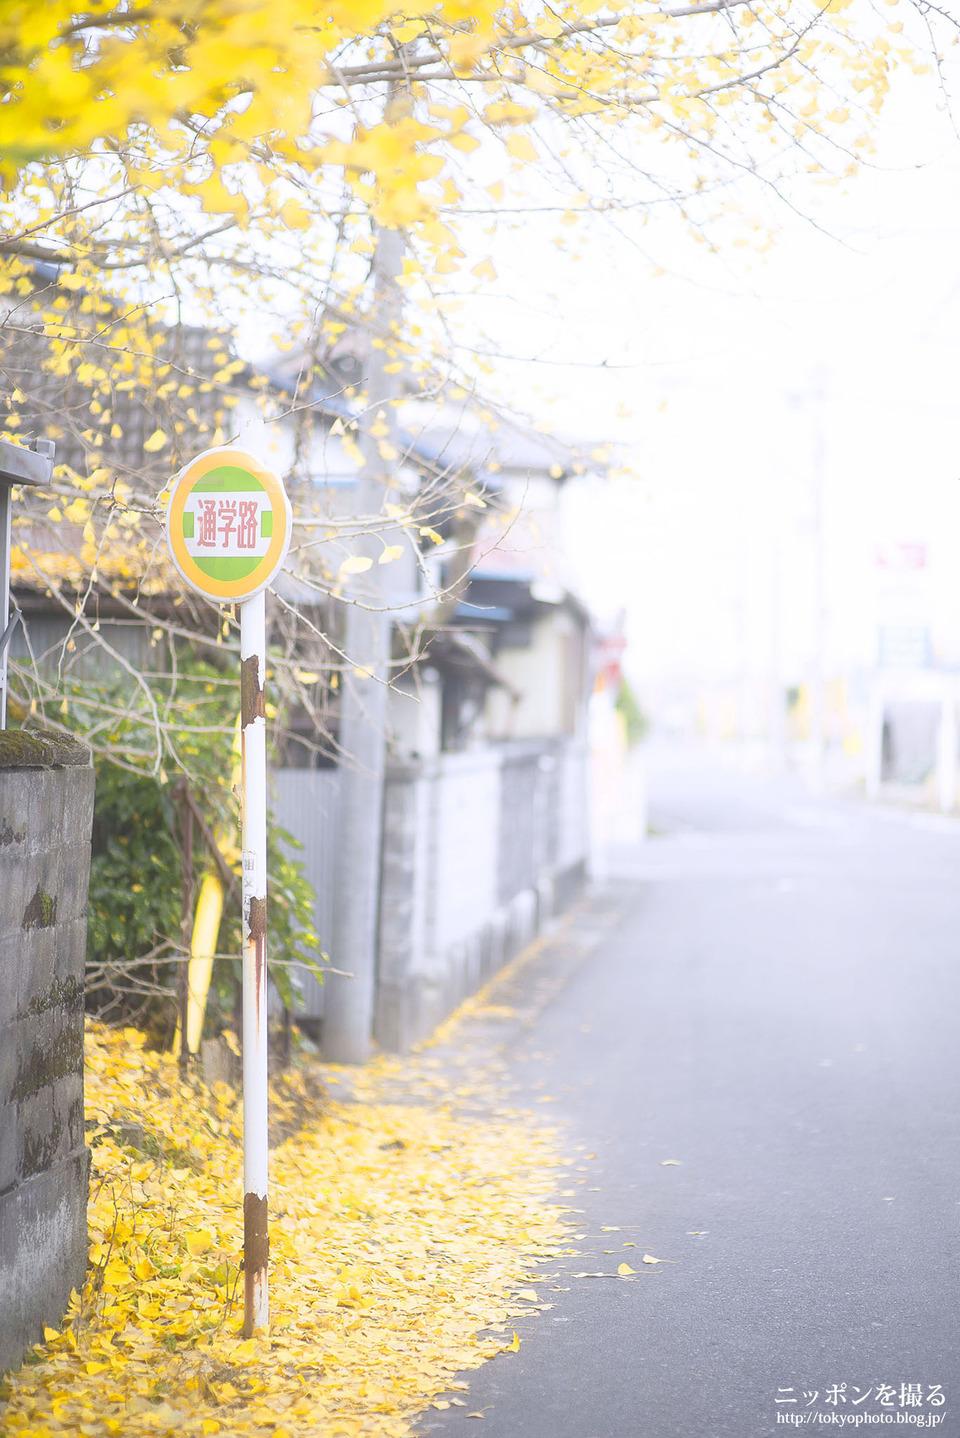 愛知県_稲沢市_祖父江_181202_0141